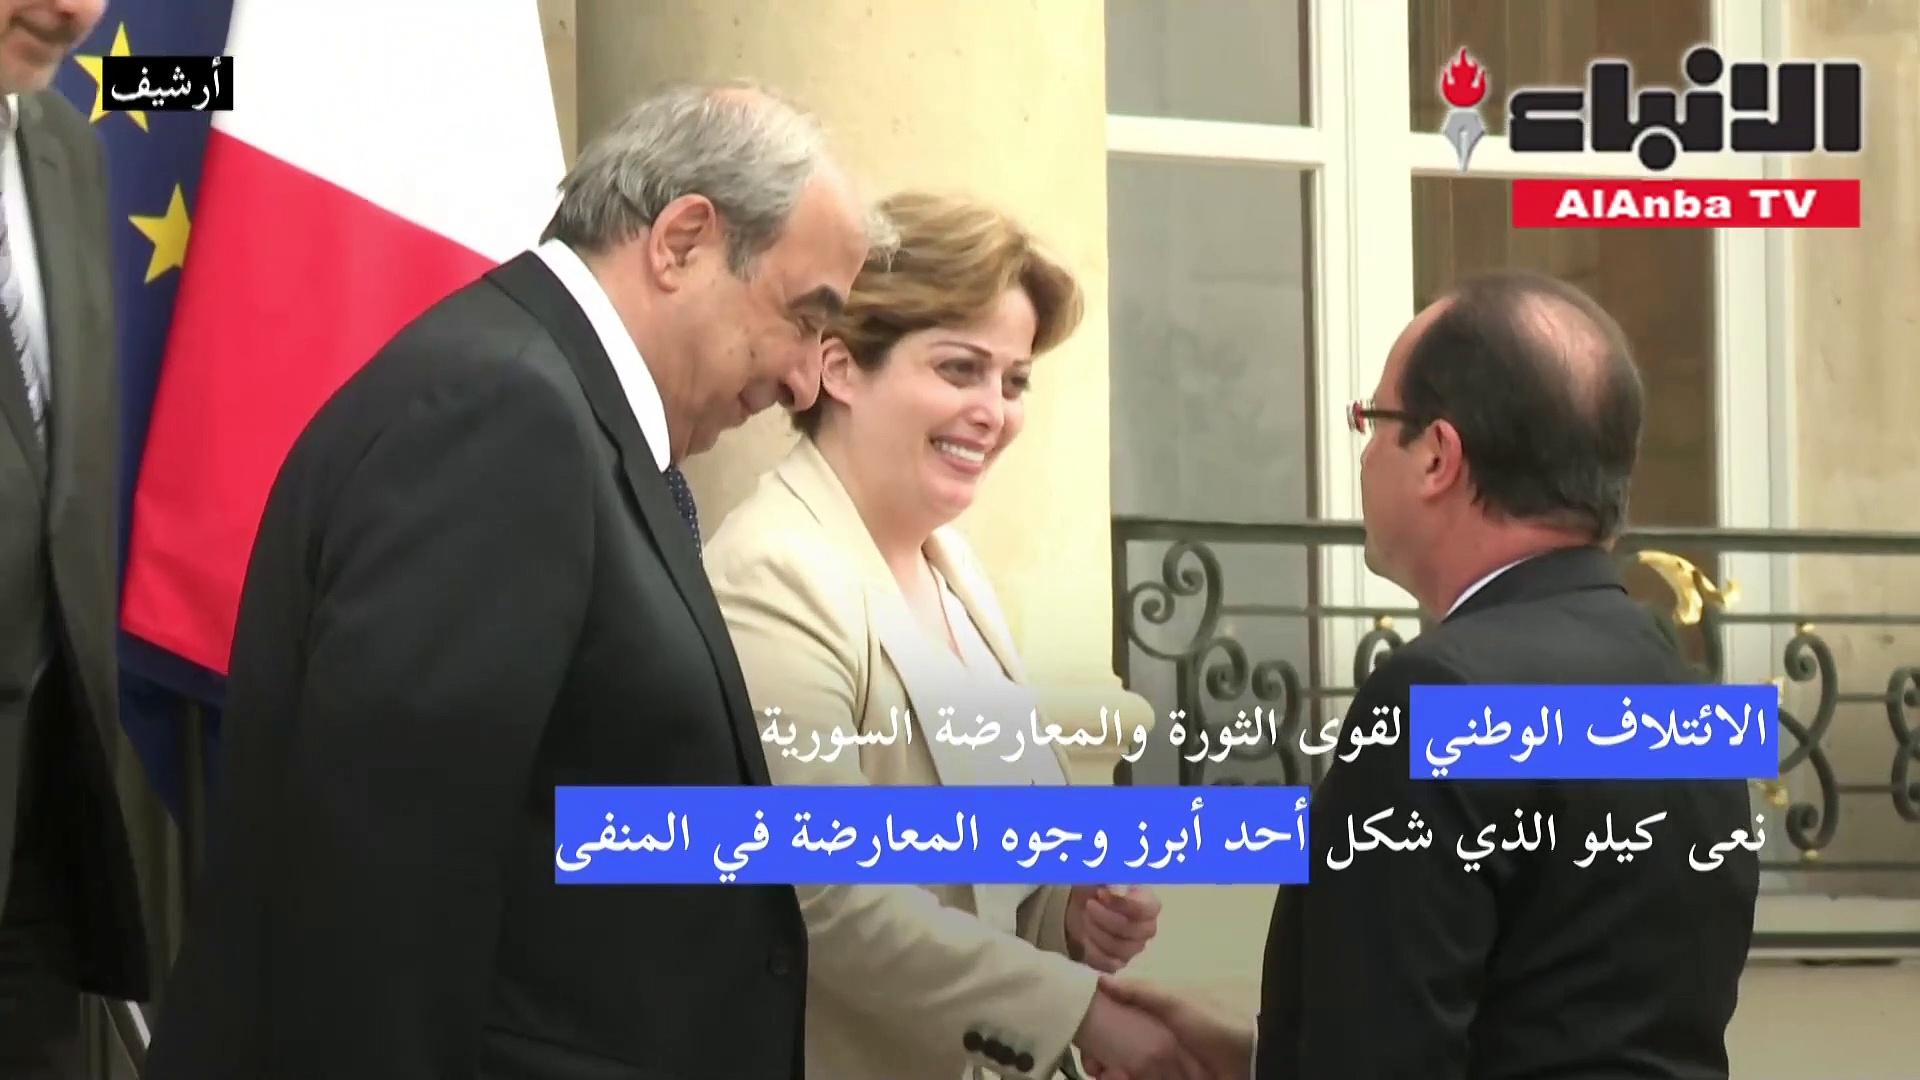 وفاة المعارض السوري البارز ميشال كيلو متاثرا بفيروس كورونا